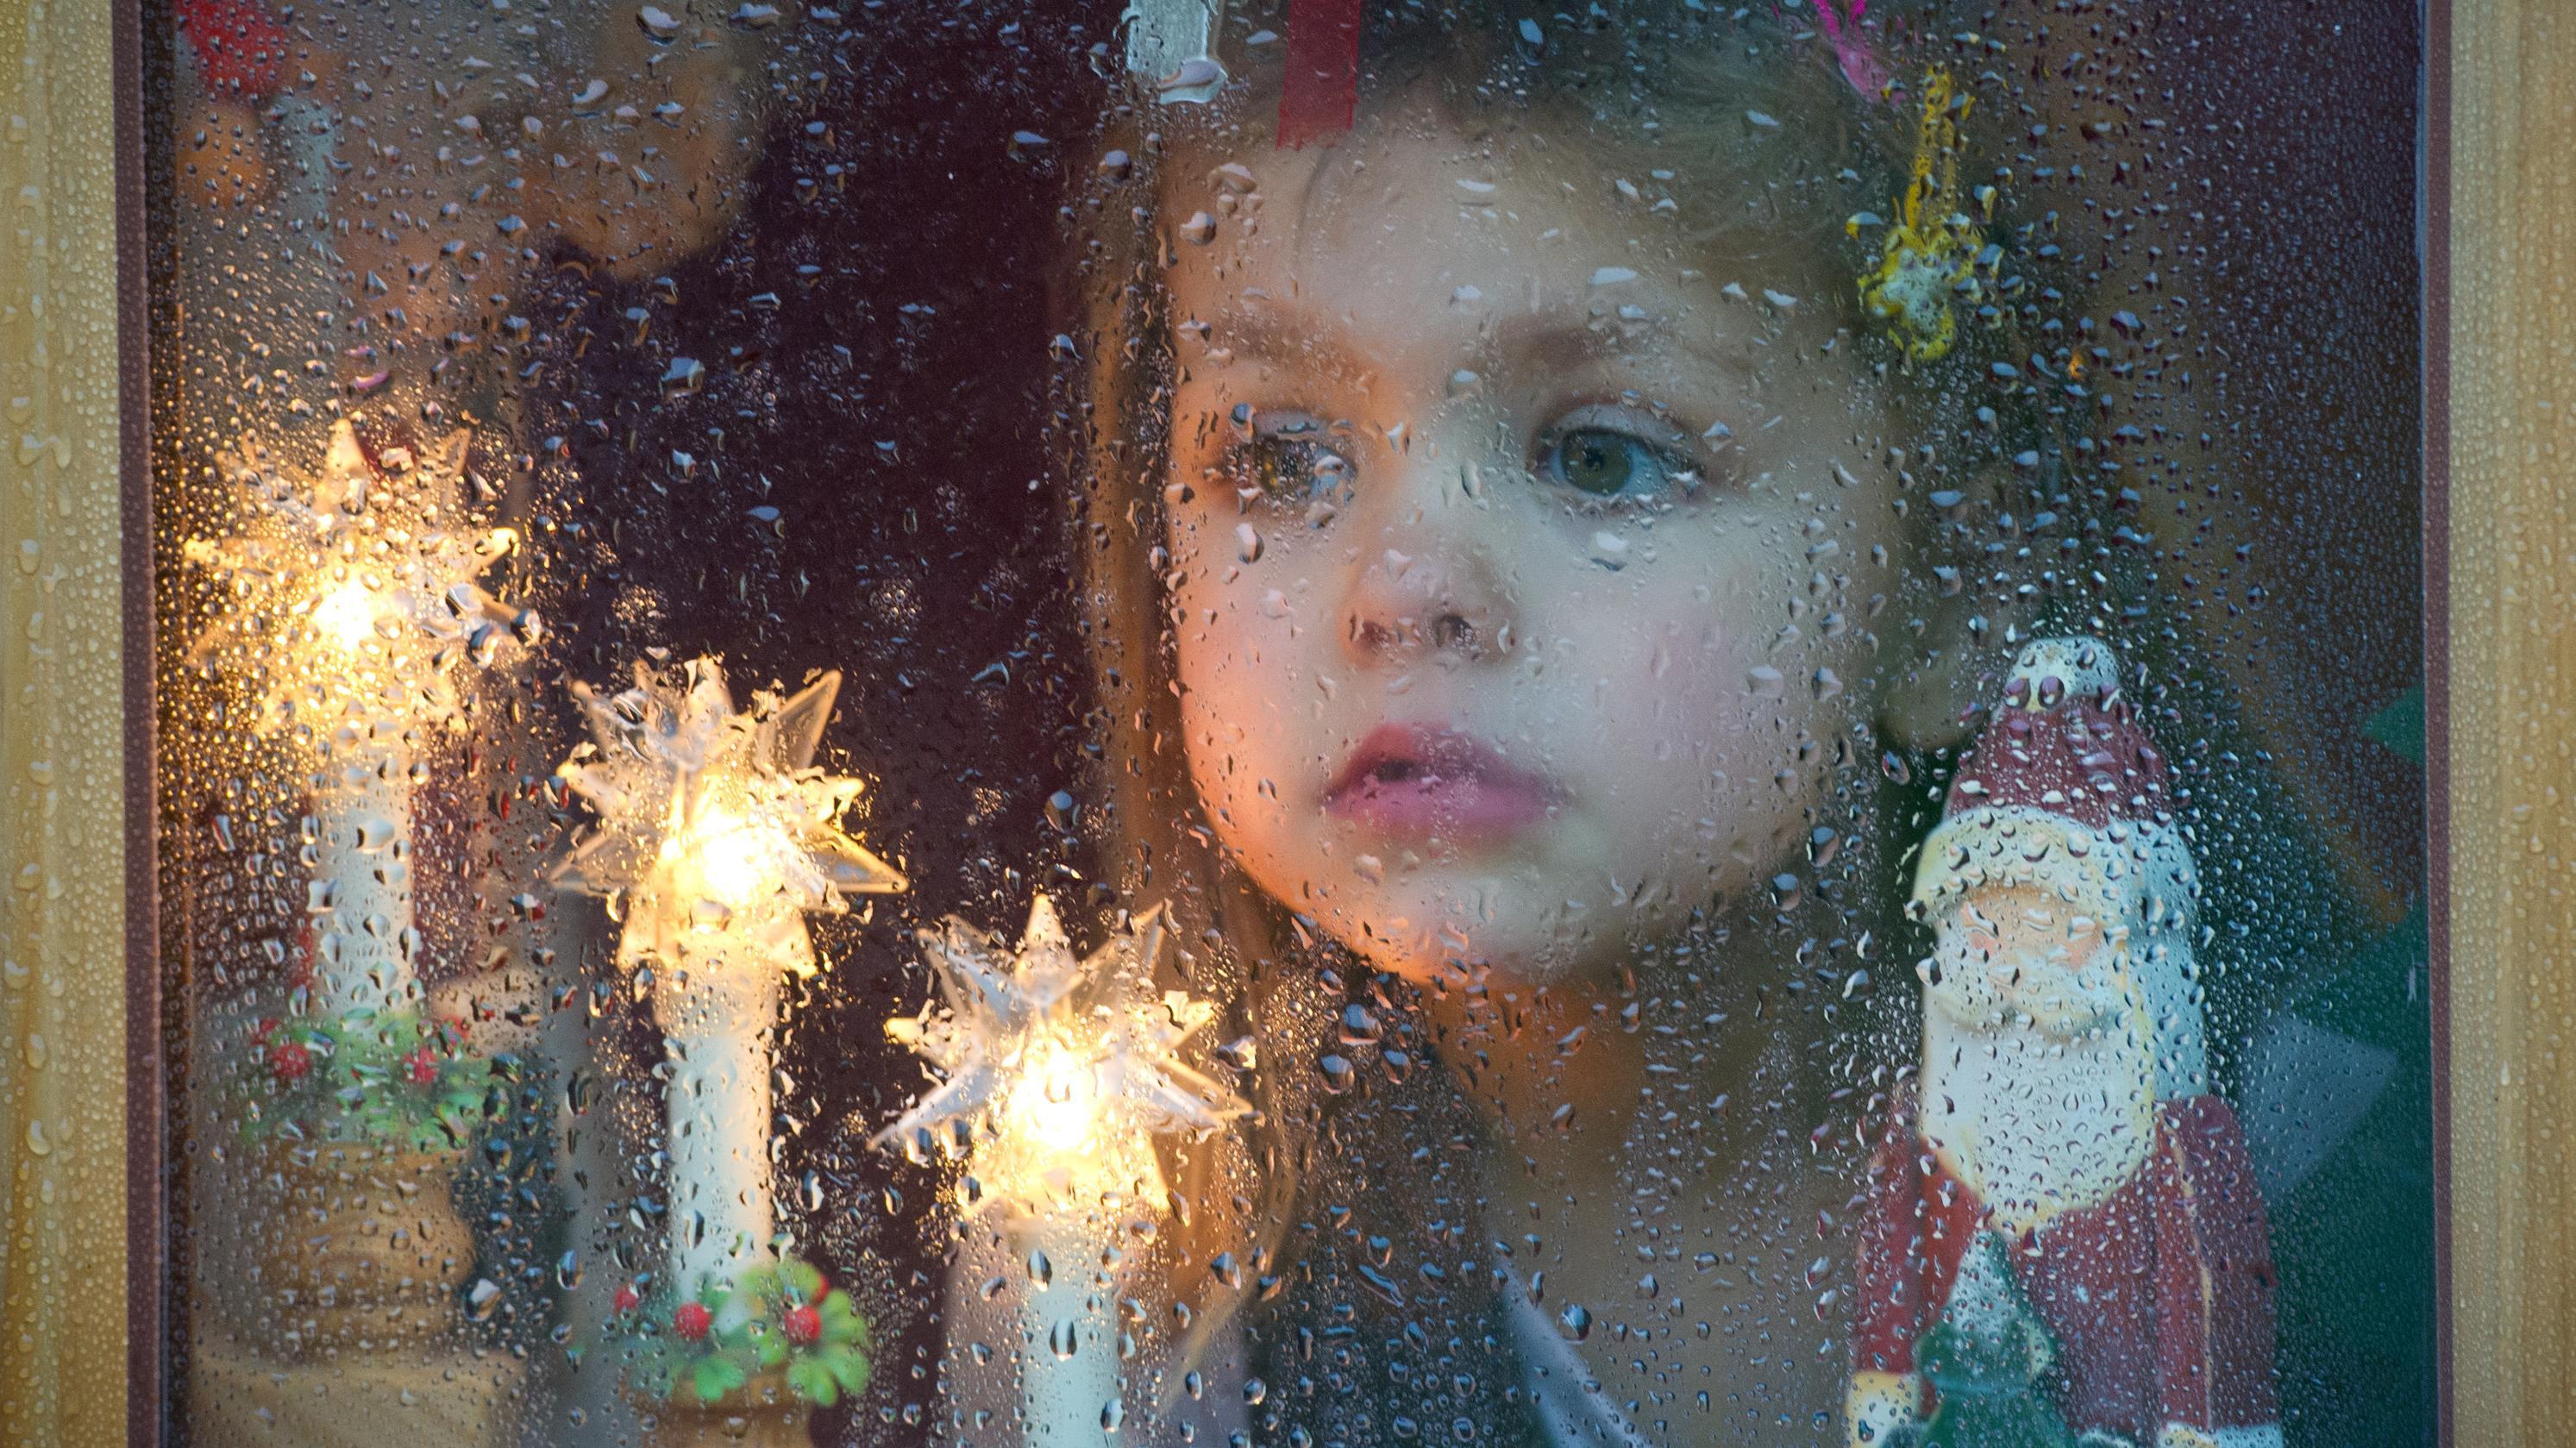 Mädchen mit Weihnachtsdeko hinter einer Fensterscheibe voller Regentropfen